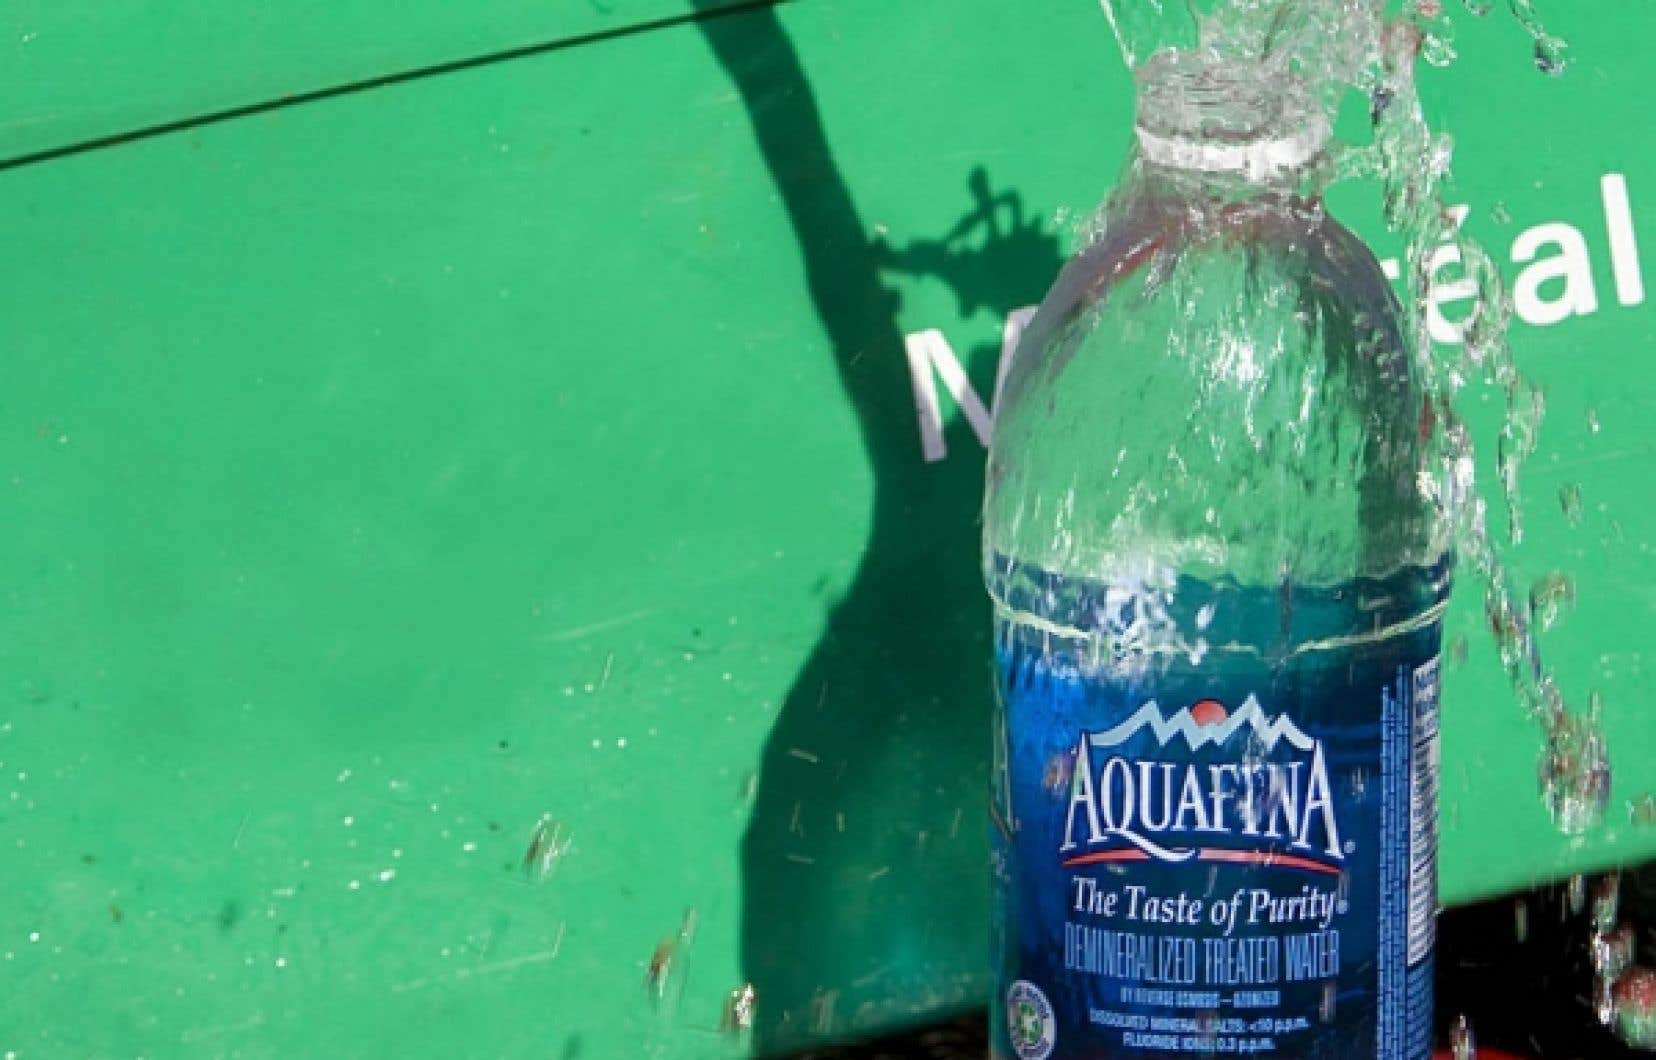 PepsiCo remplit ses bouteilles de marque Aquafina vendues au Québec avec de l'eau provenant de l'aqueduc de la Ville de Montréal.